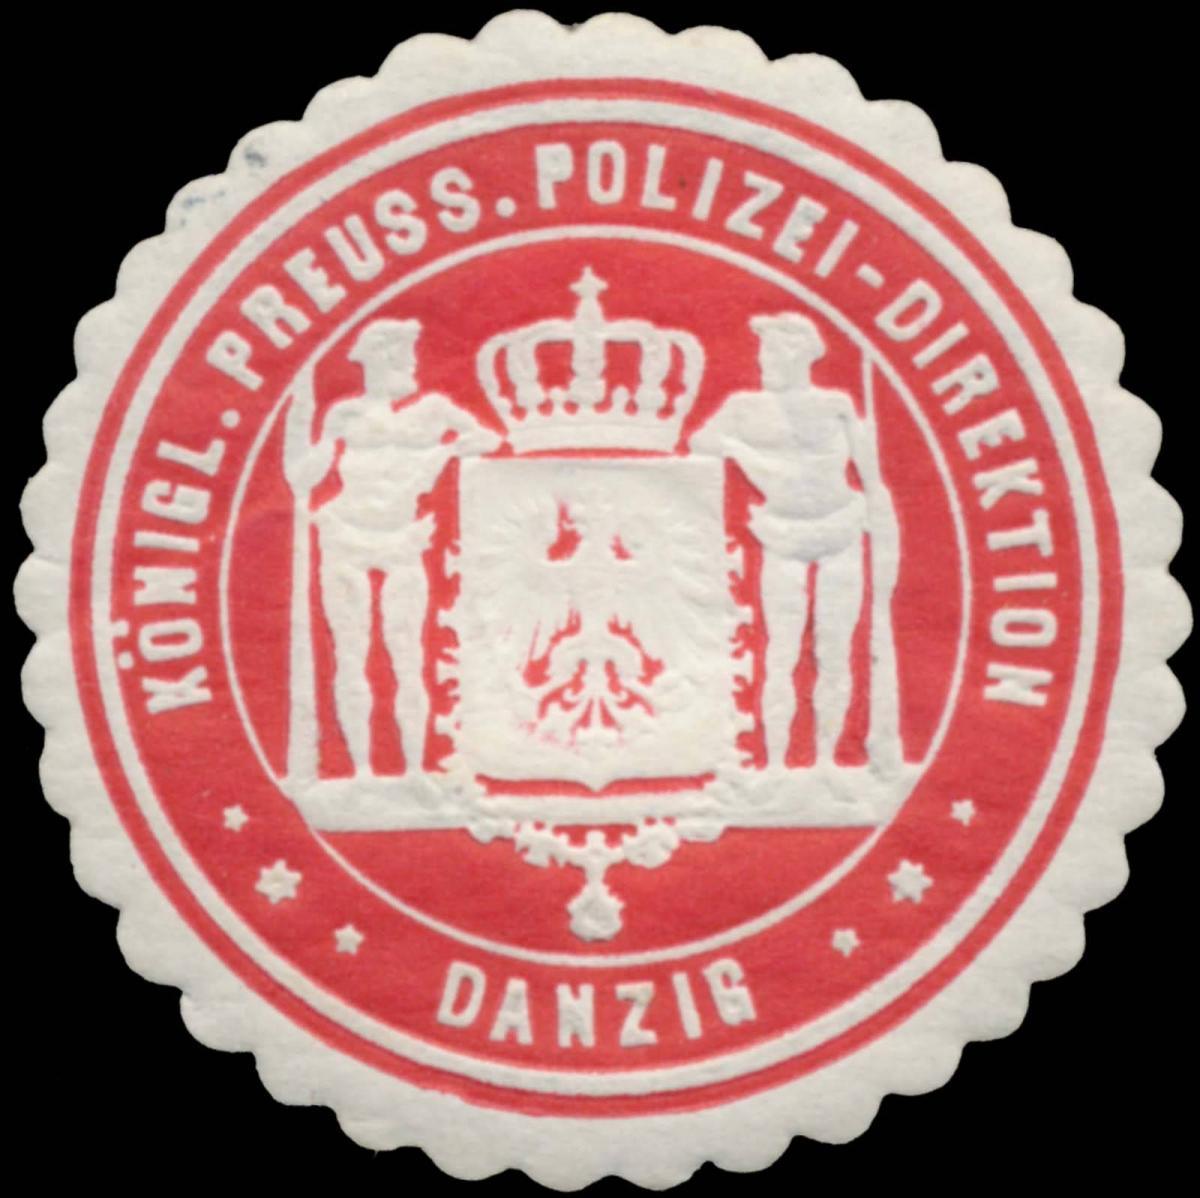 K.Pr. Polizei-Direktion Danzig